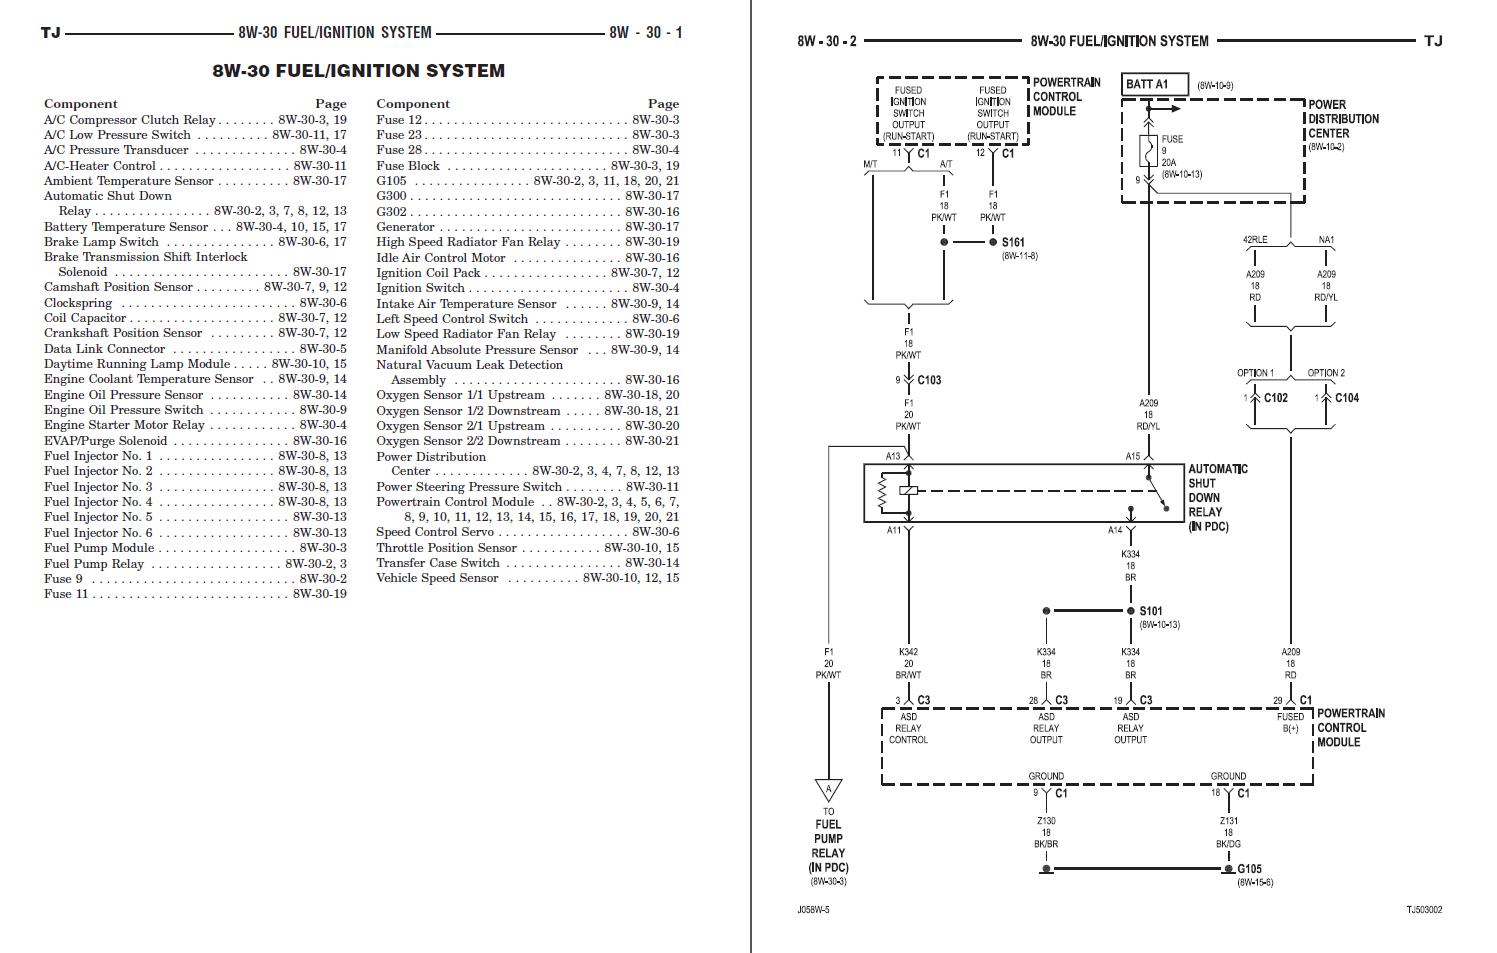 Sample wiring